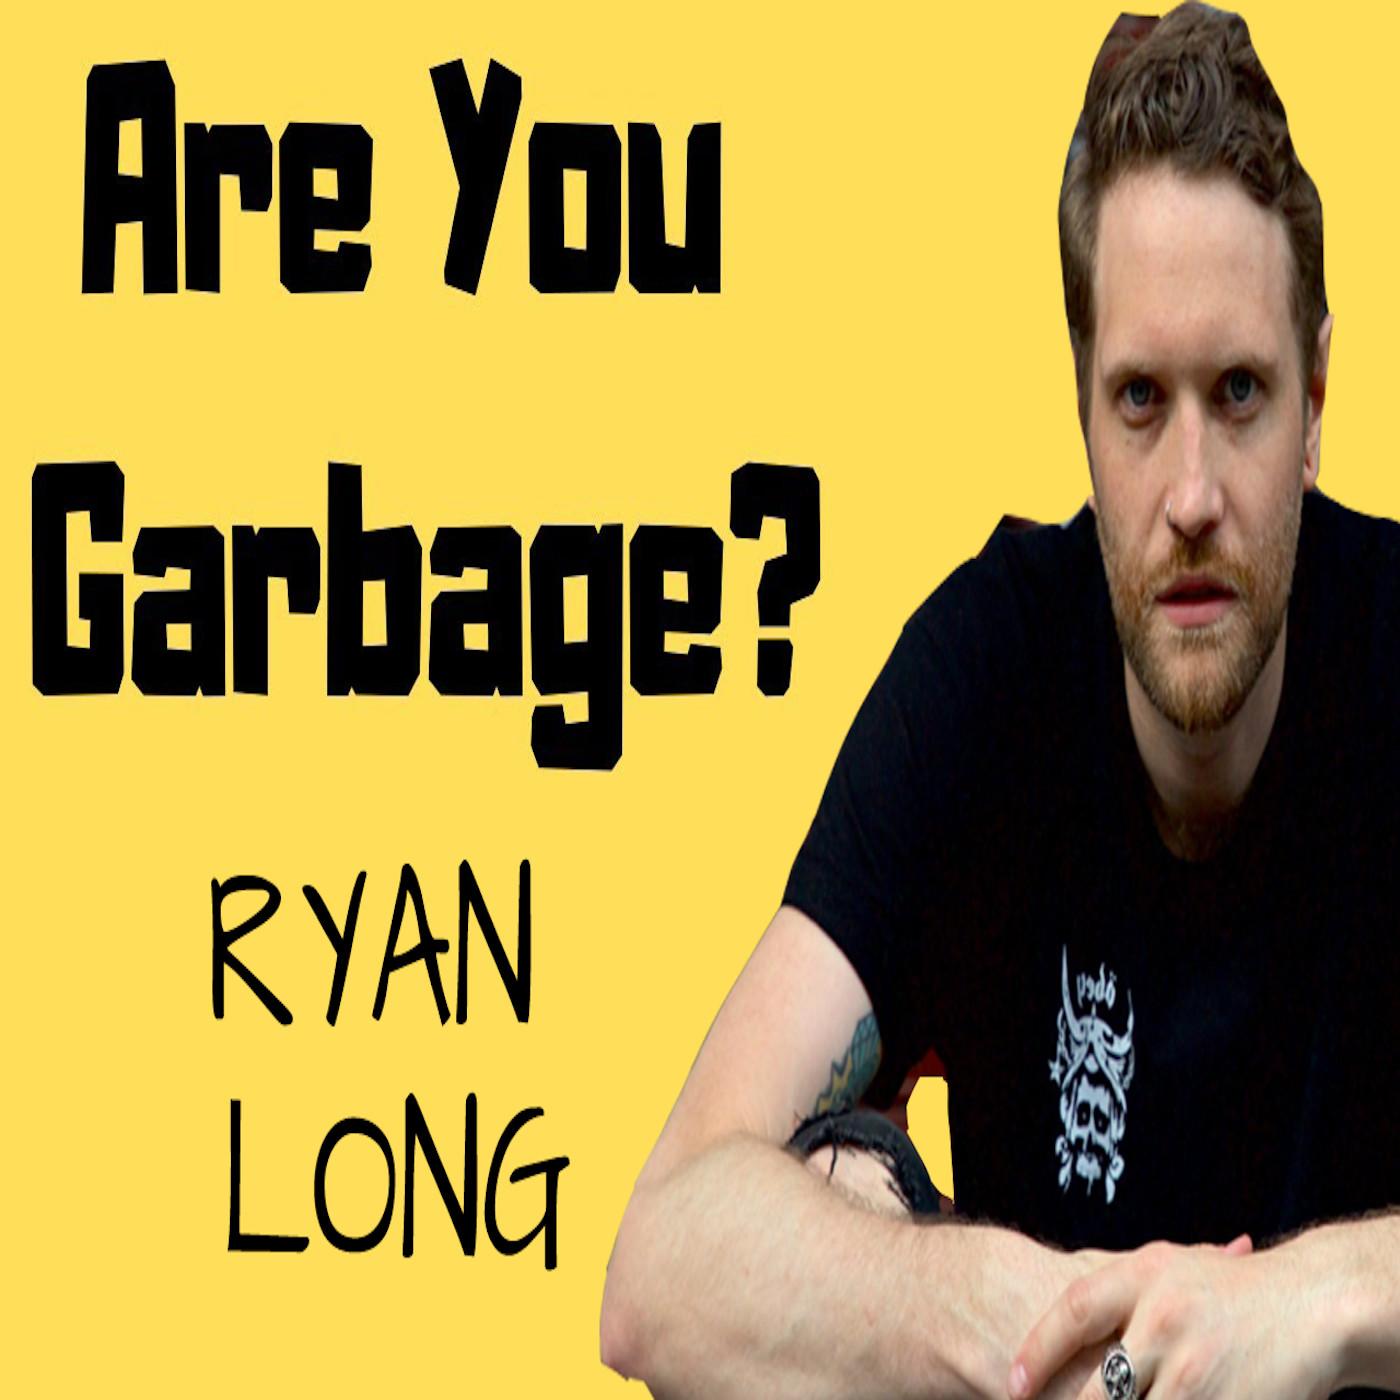 Ryan Long: Canadian Garbage